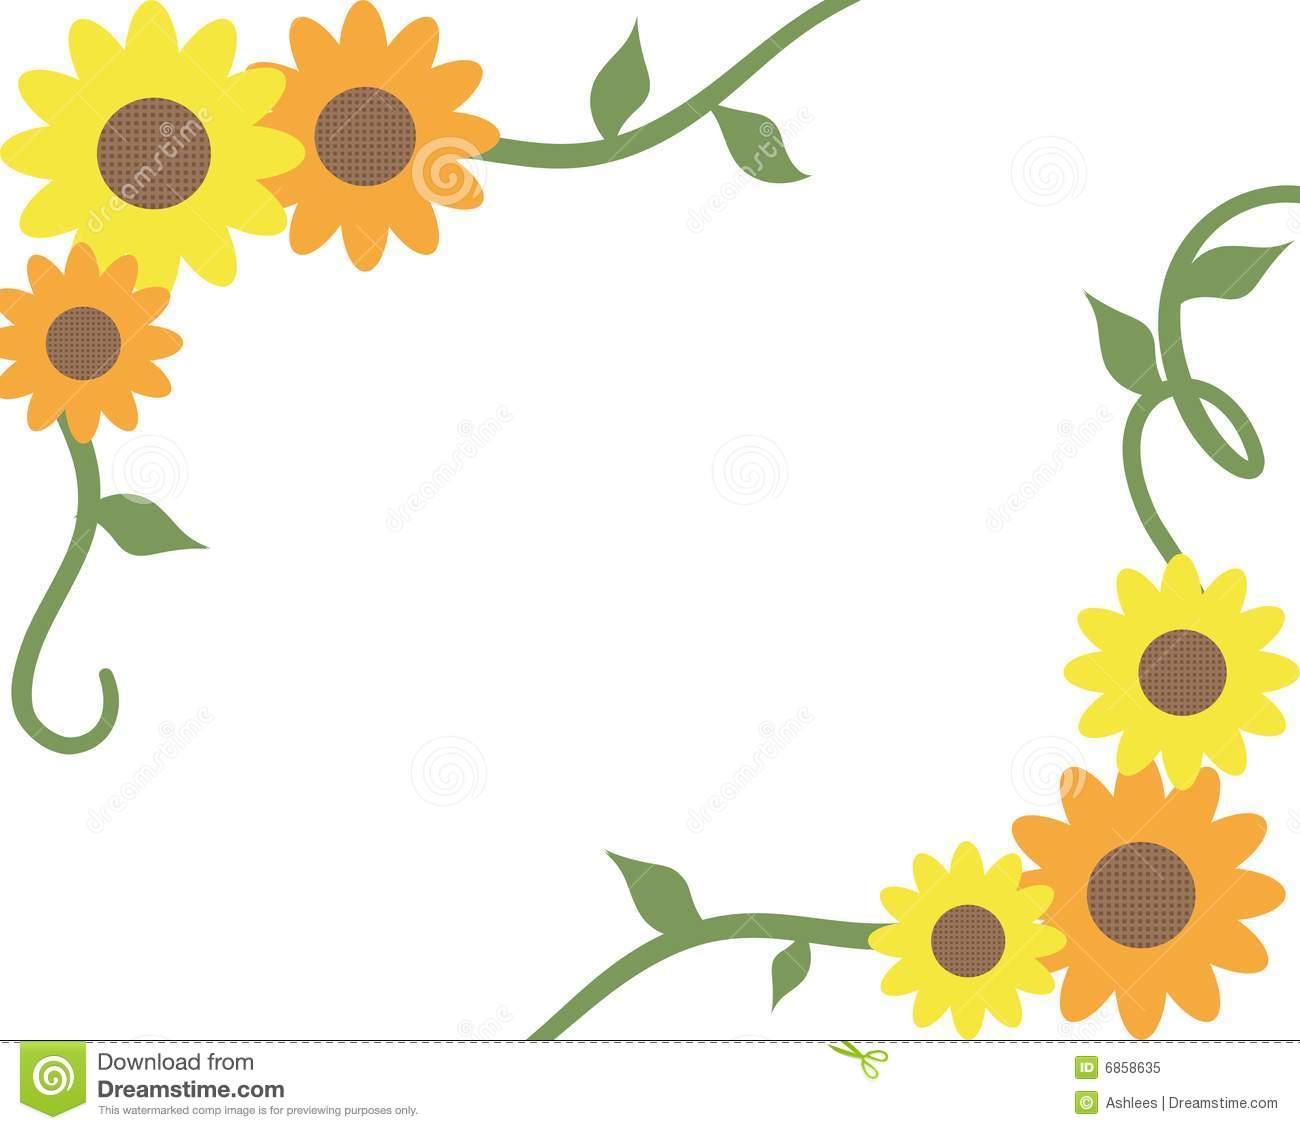 206 Sunflower Border free clipart.